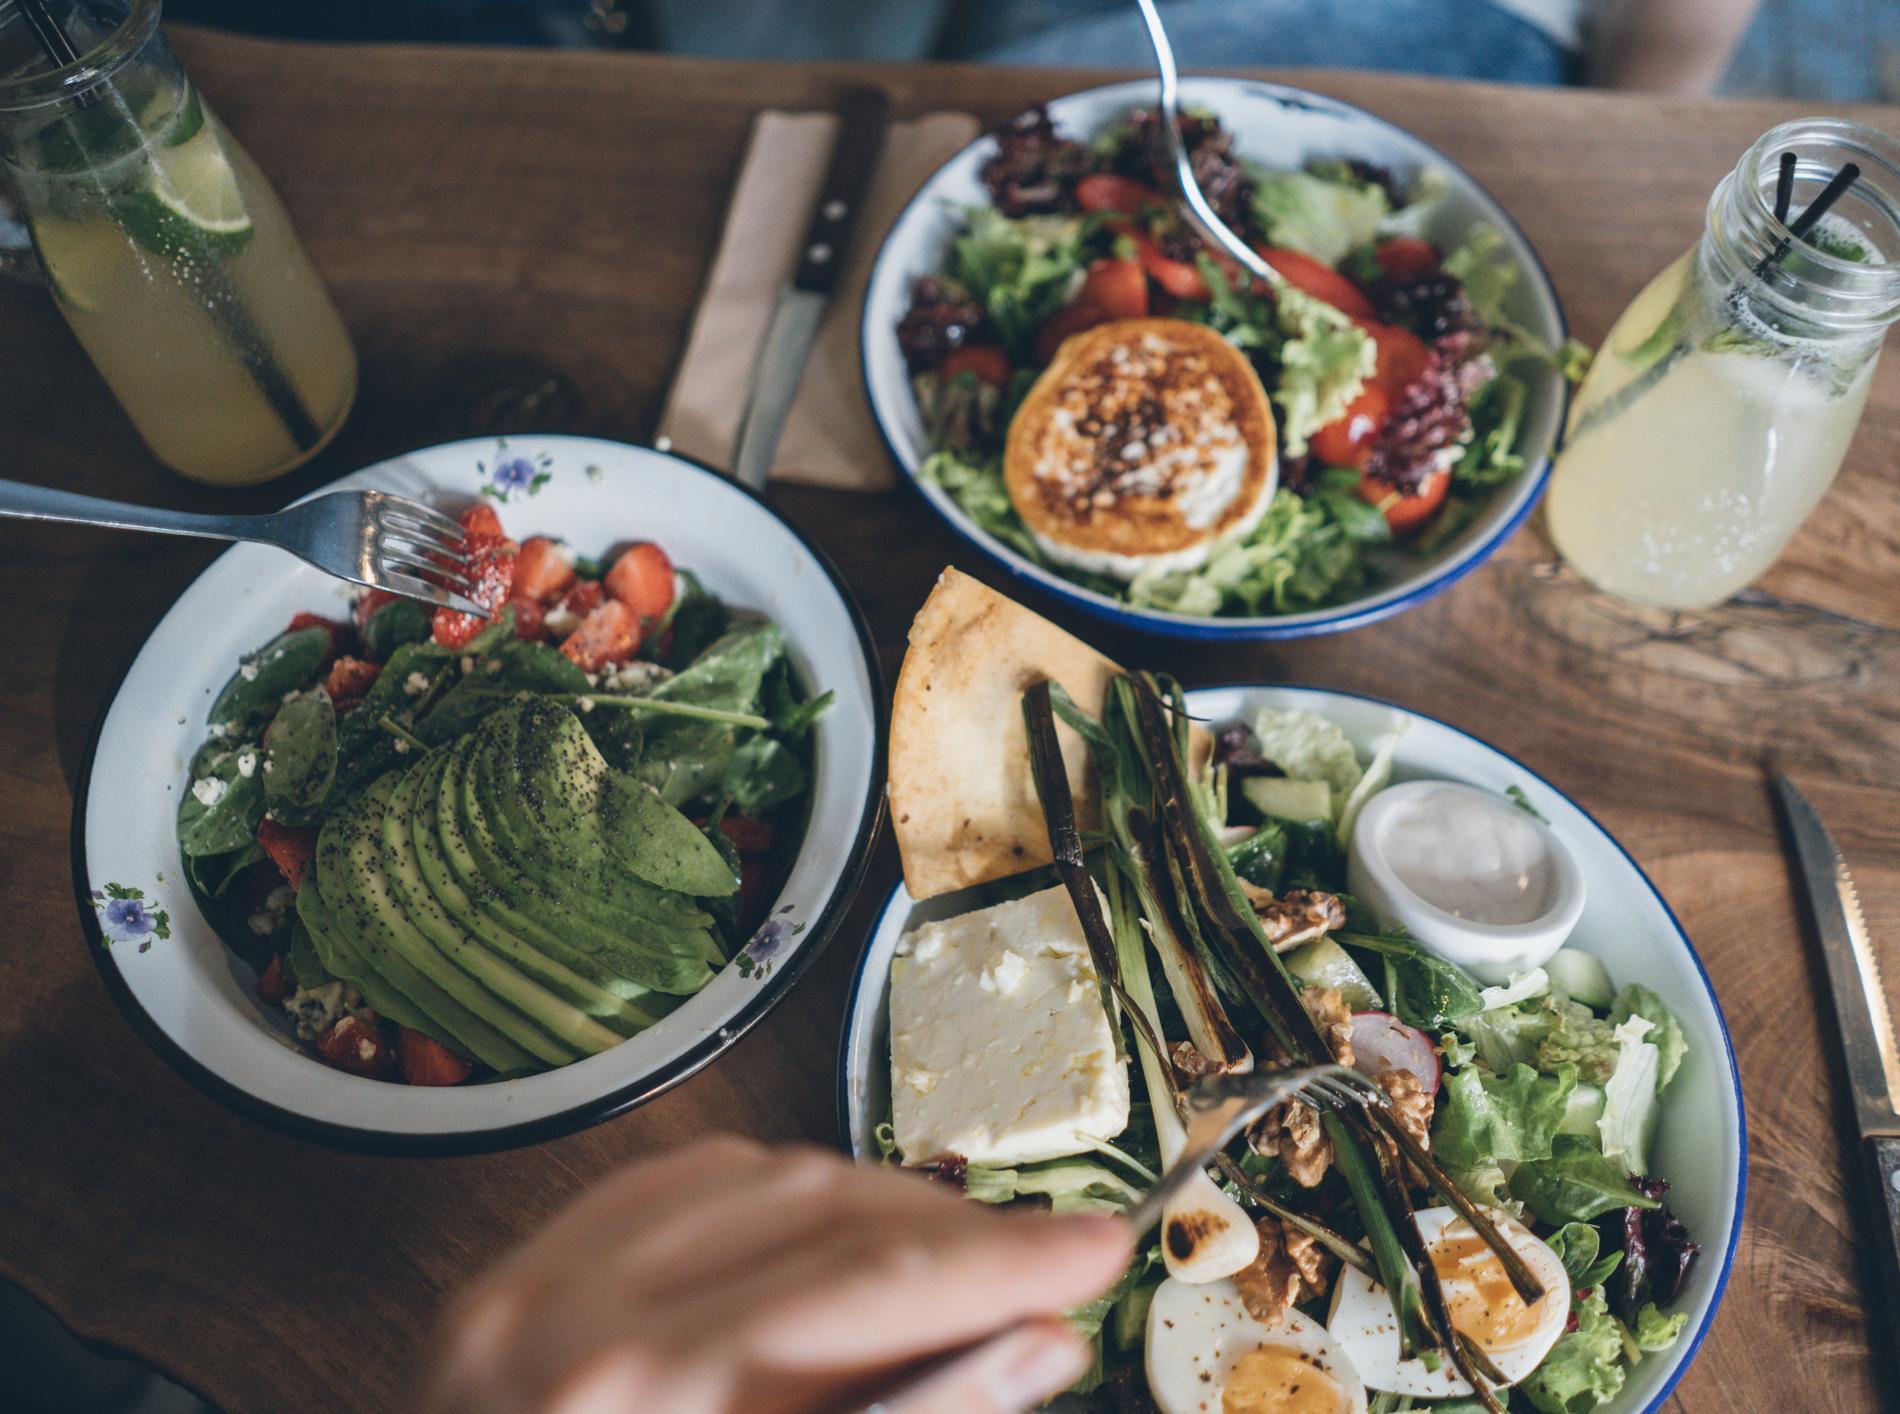 comment perdre du gras et se couper perdre du poids 25 kg